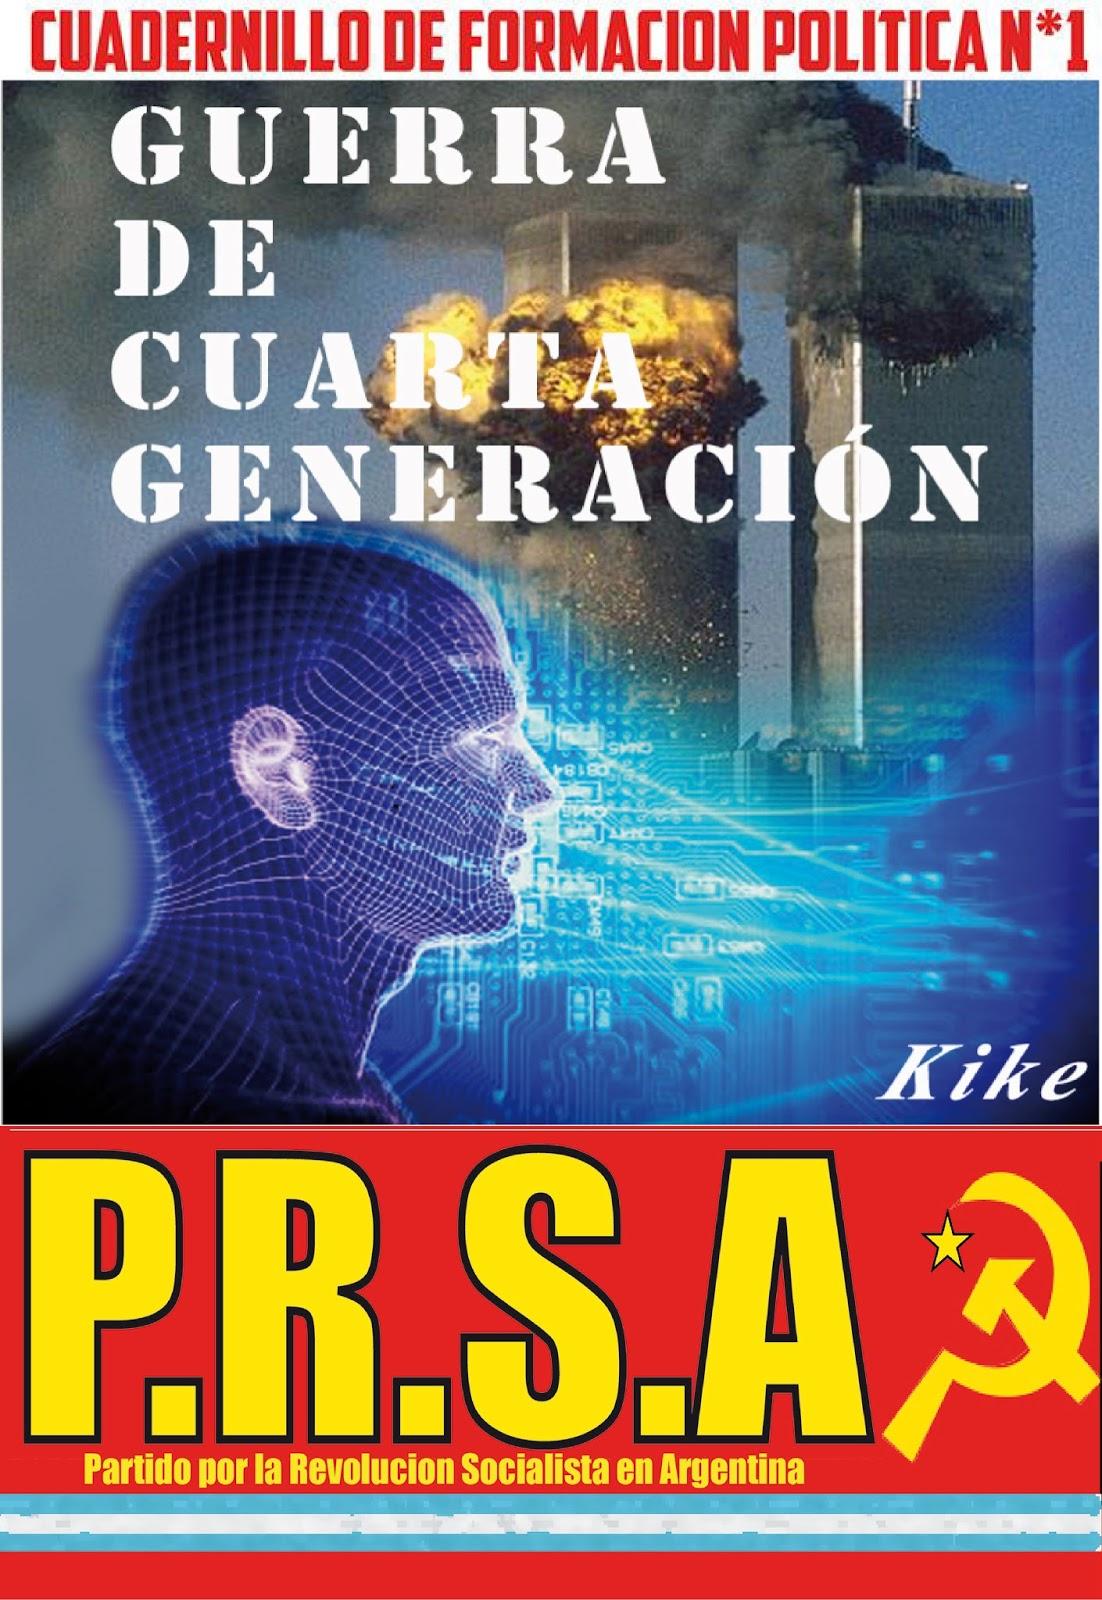 GUERRA DE CUARTA GENERACION ~ PARTIDO POR LA REVOLUCION ...